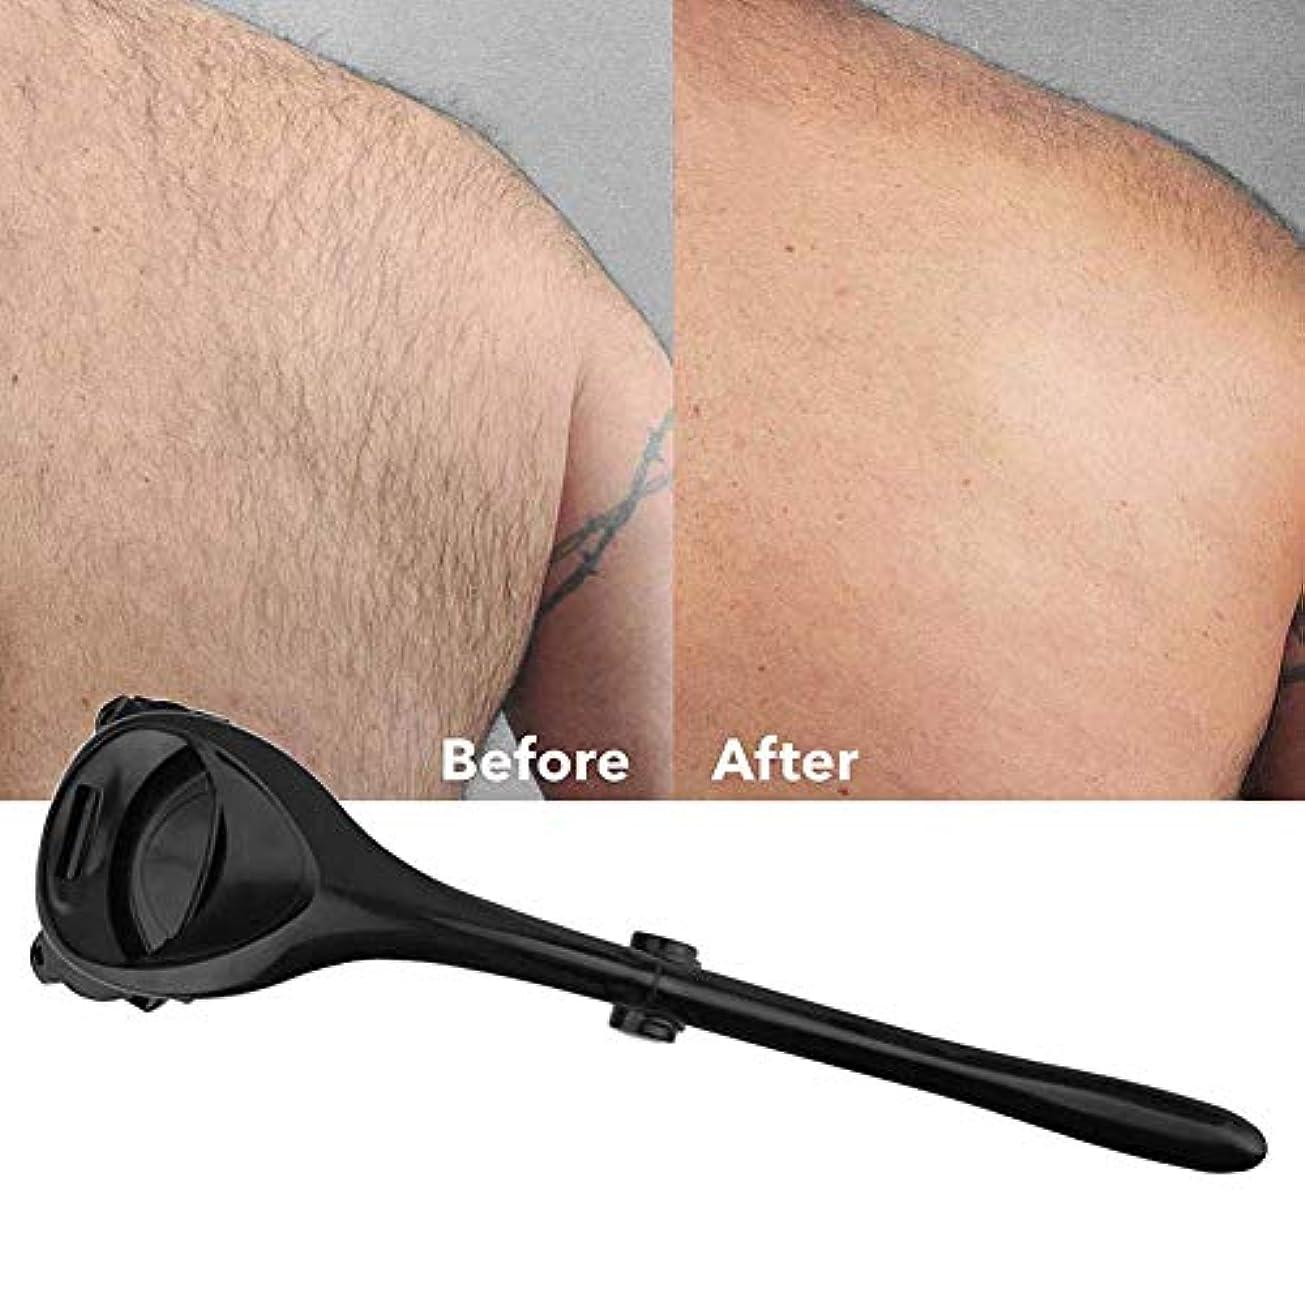 セールクック発送バックシェーバーロング男性の女性のための脱毛戻る髪レイザーパーソナル無痛体毛トリマーハンドル